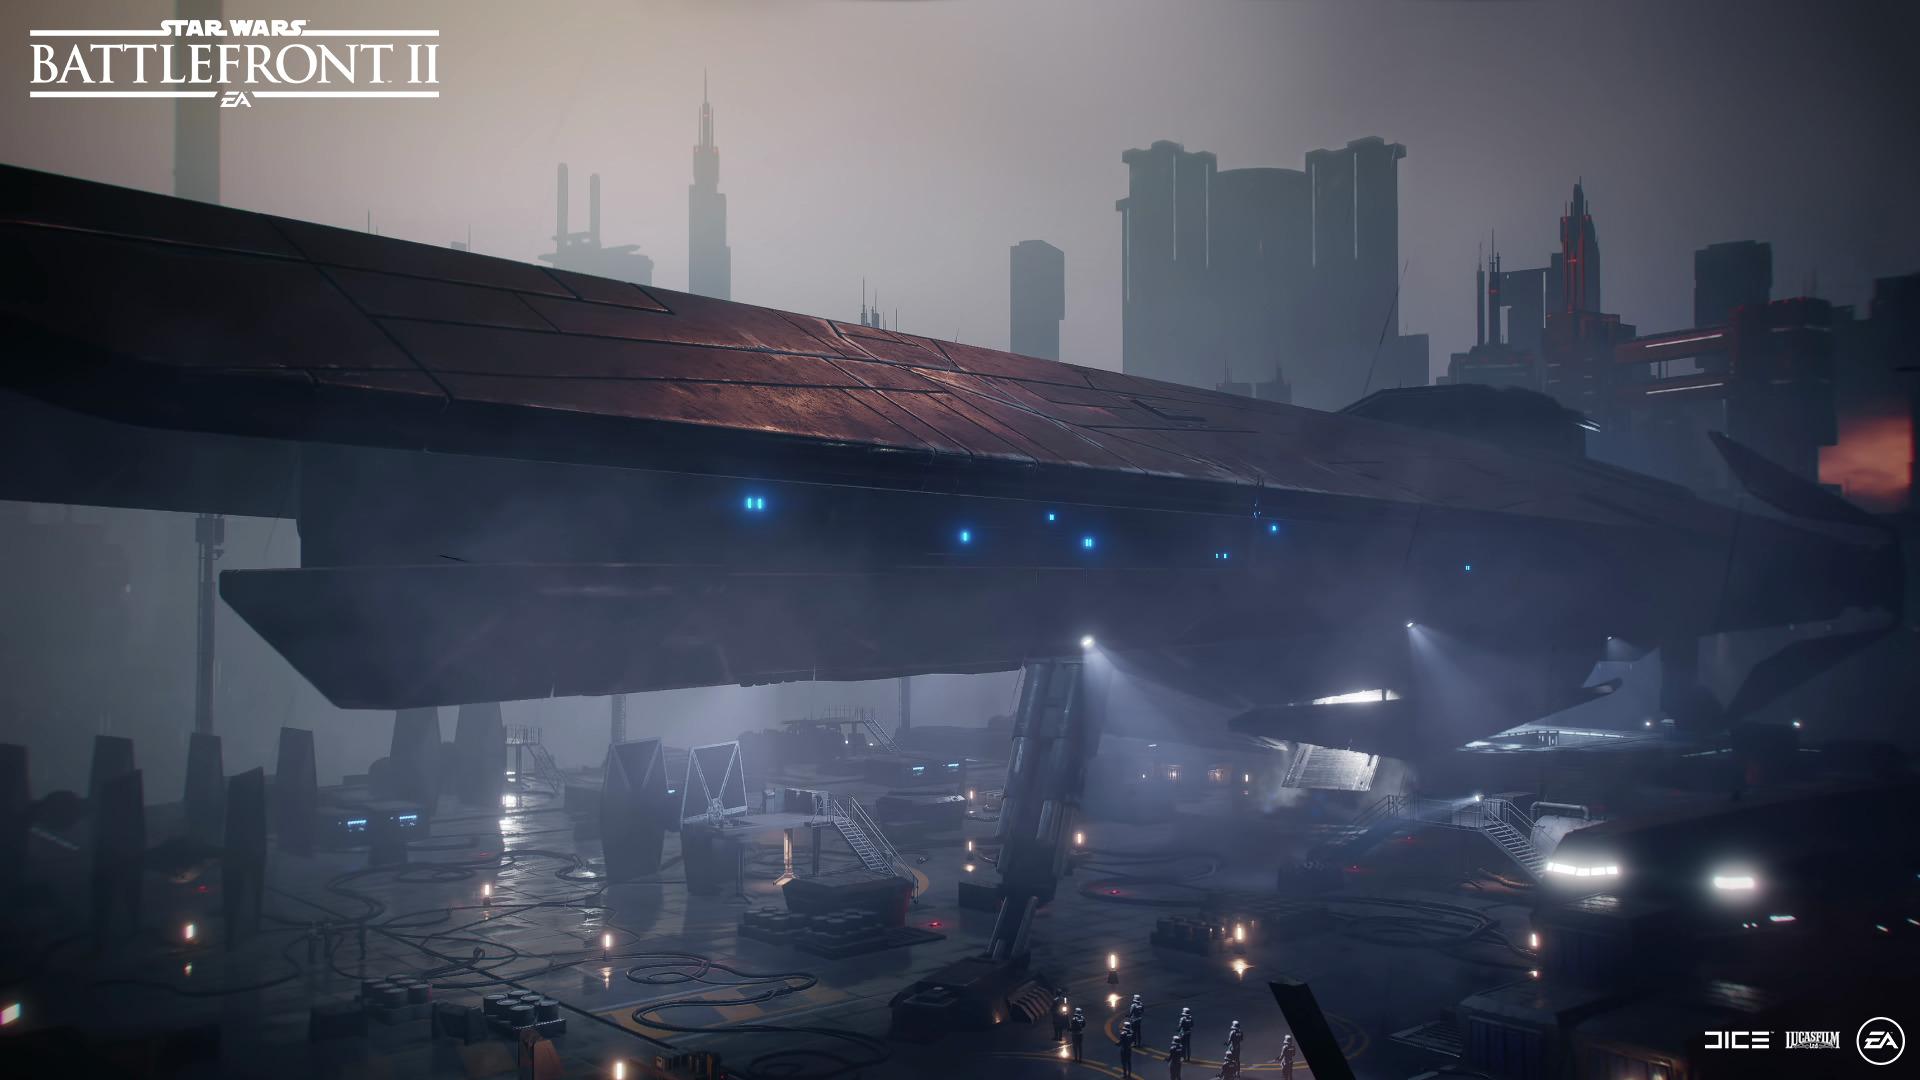 Kampaň Star Wars: Battlefront 2 proběhnete za standardní dobu 151521